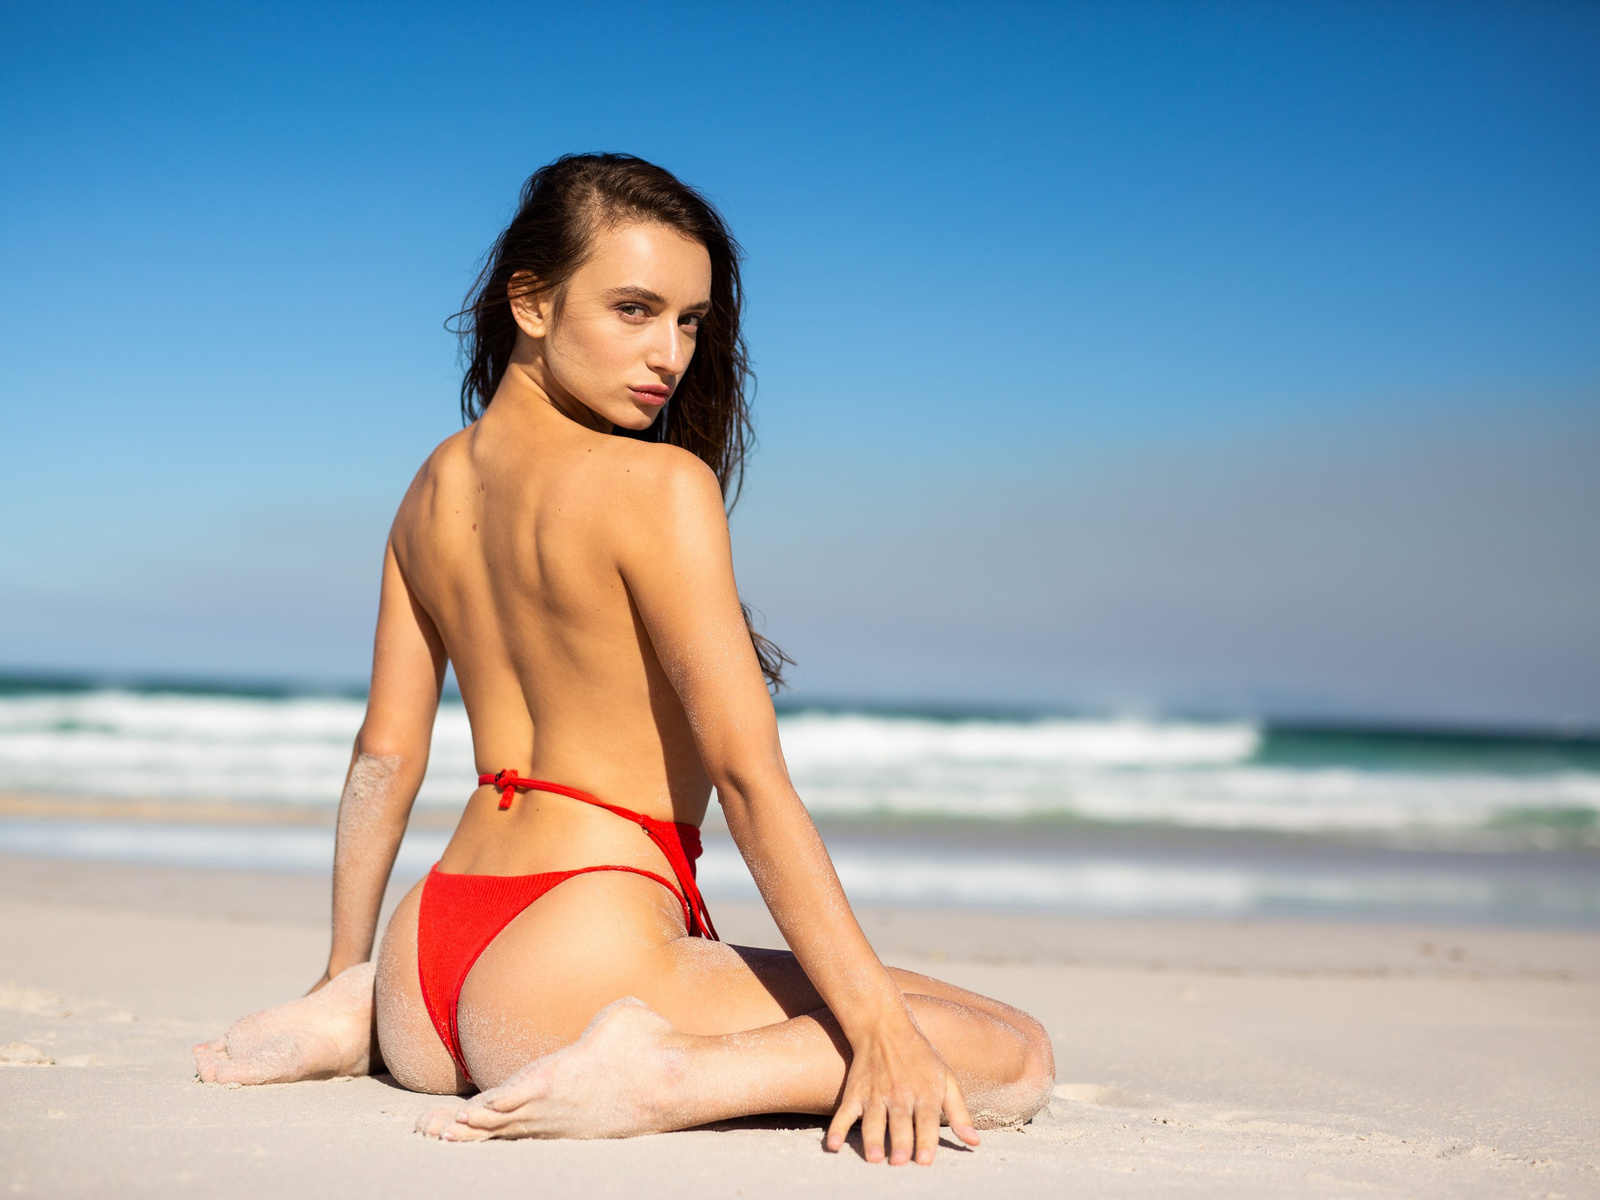 gloria sol, пляж, песок, сидит, купальник, взгляд, спина